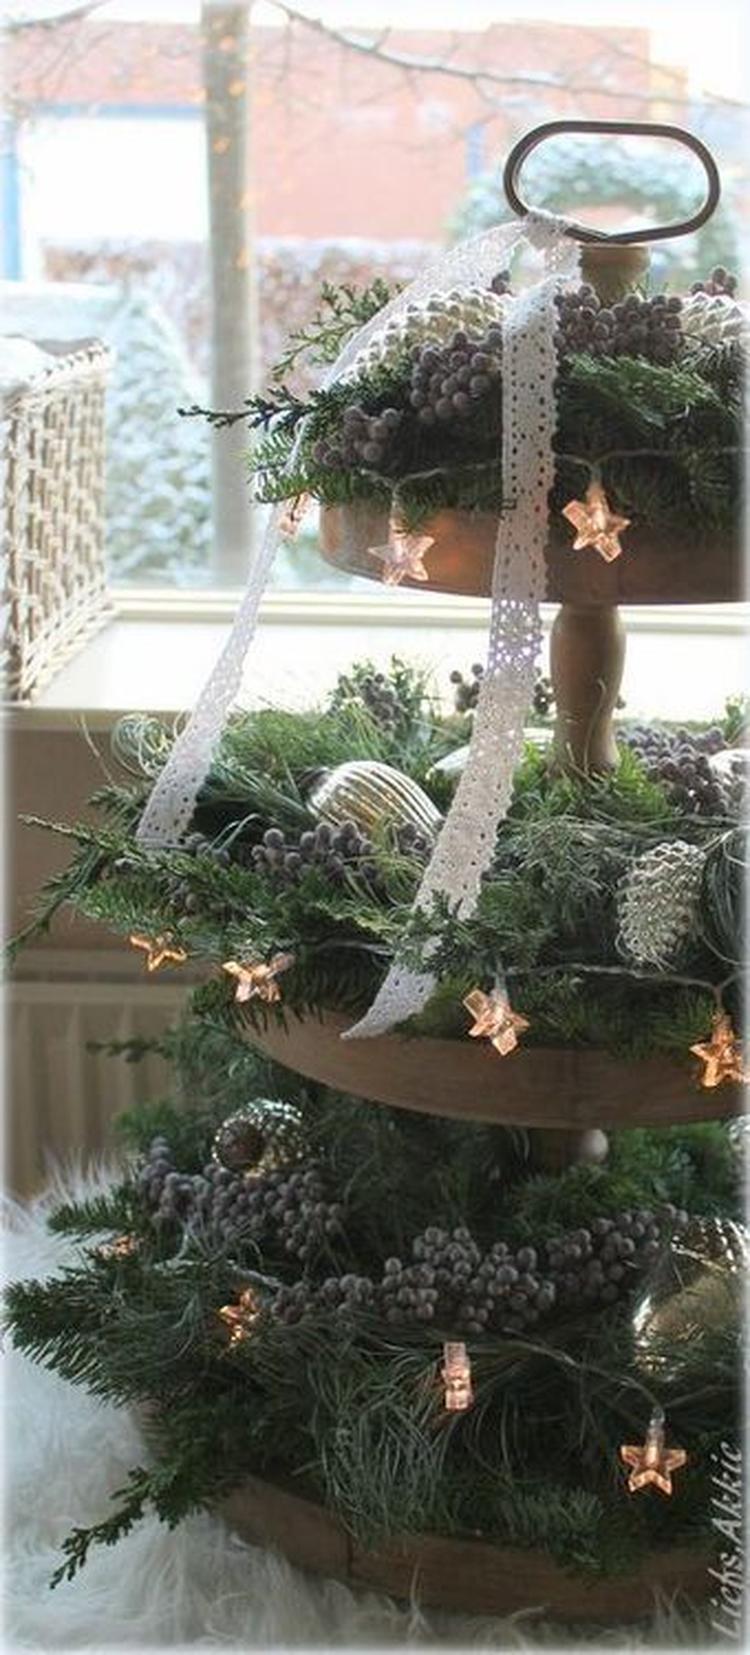 kerst tafelstuk. foto geplaatst door brenniedepennie op welke.nl